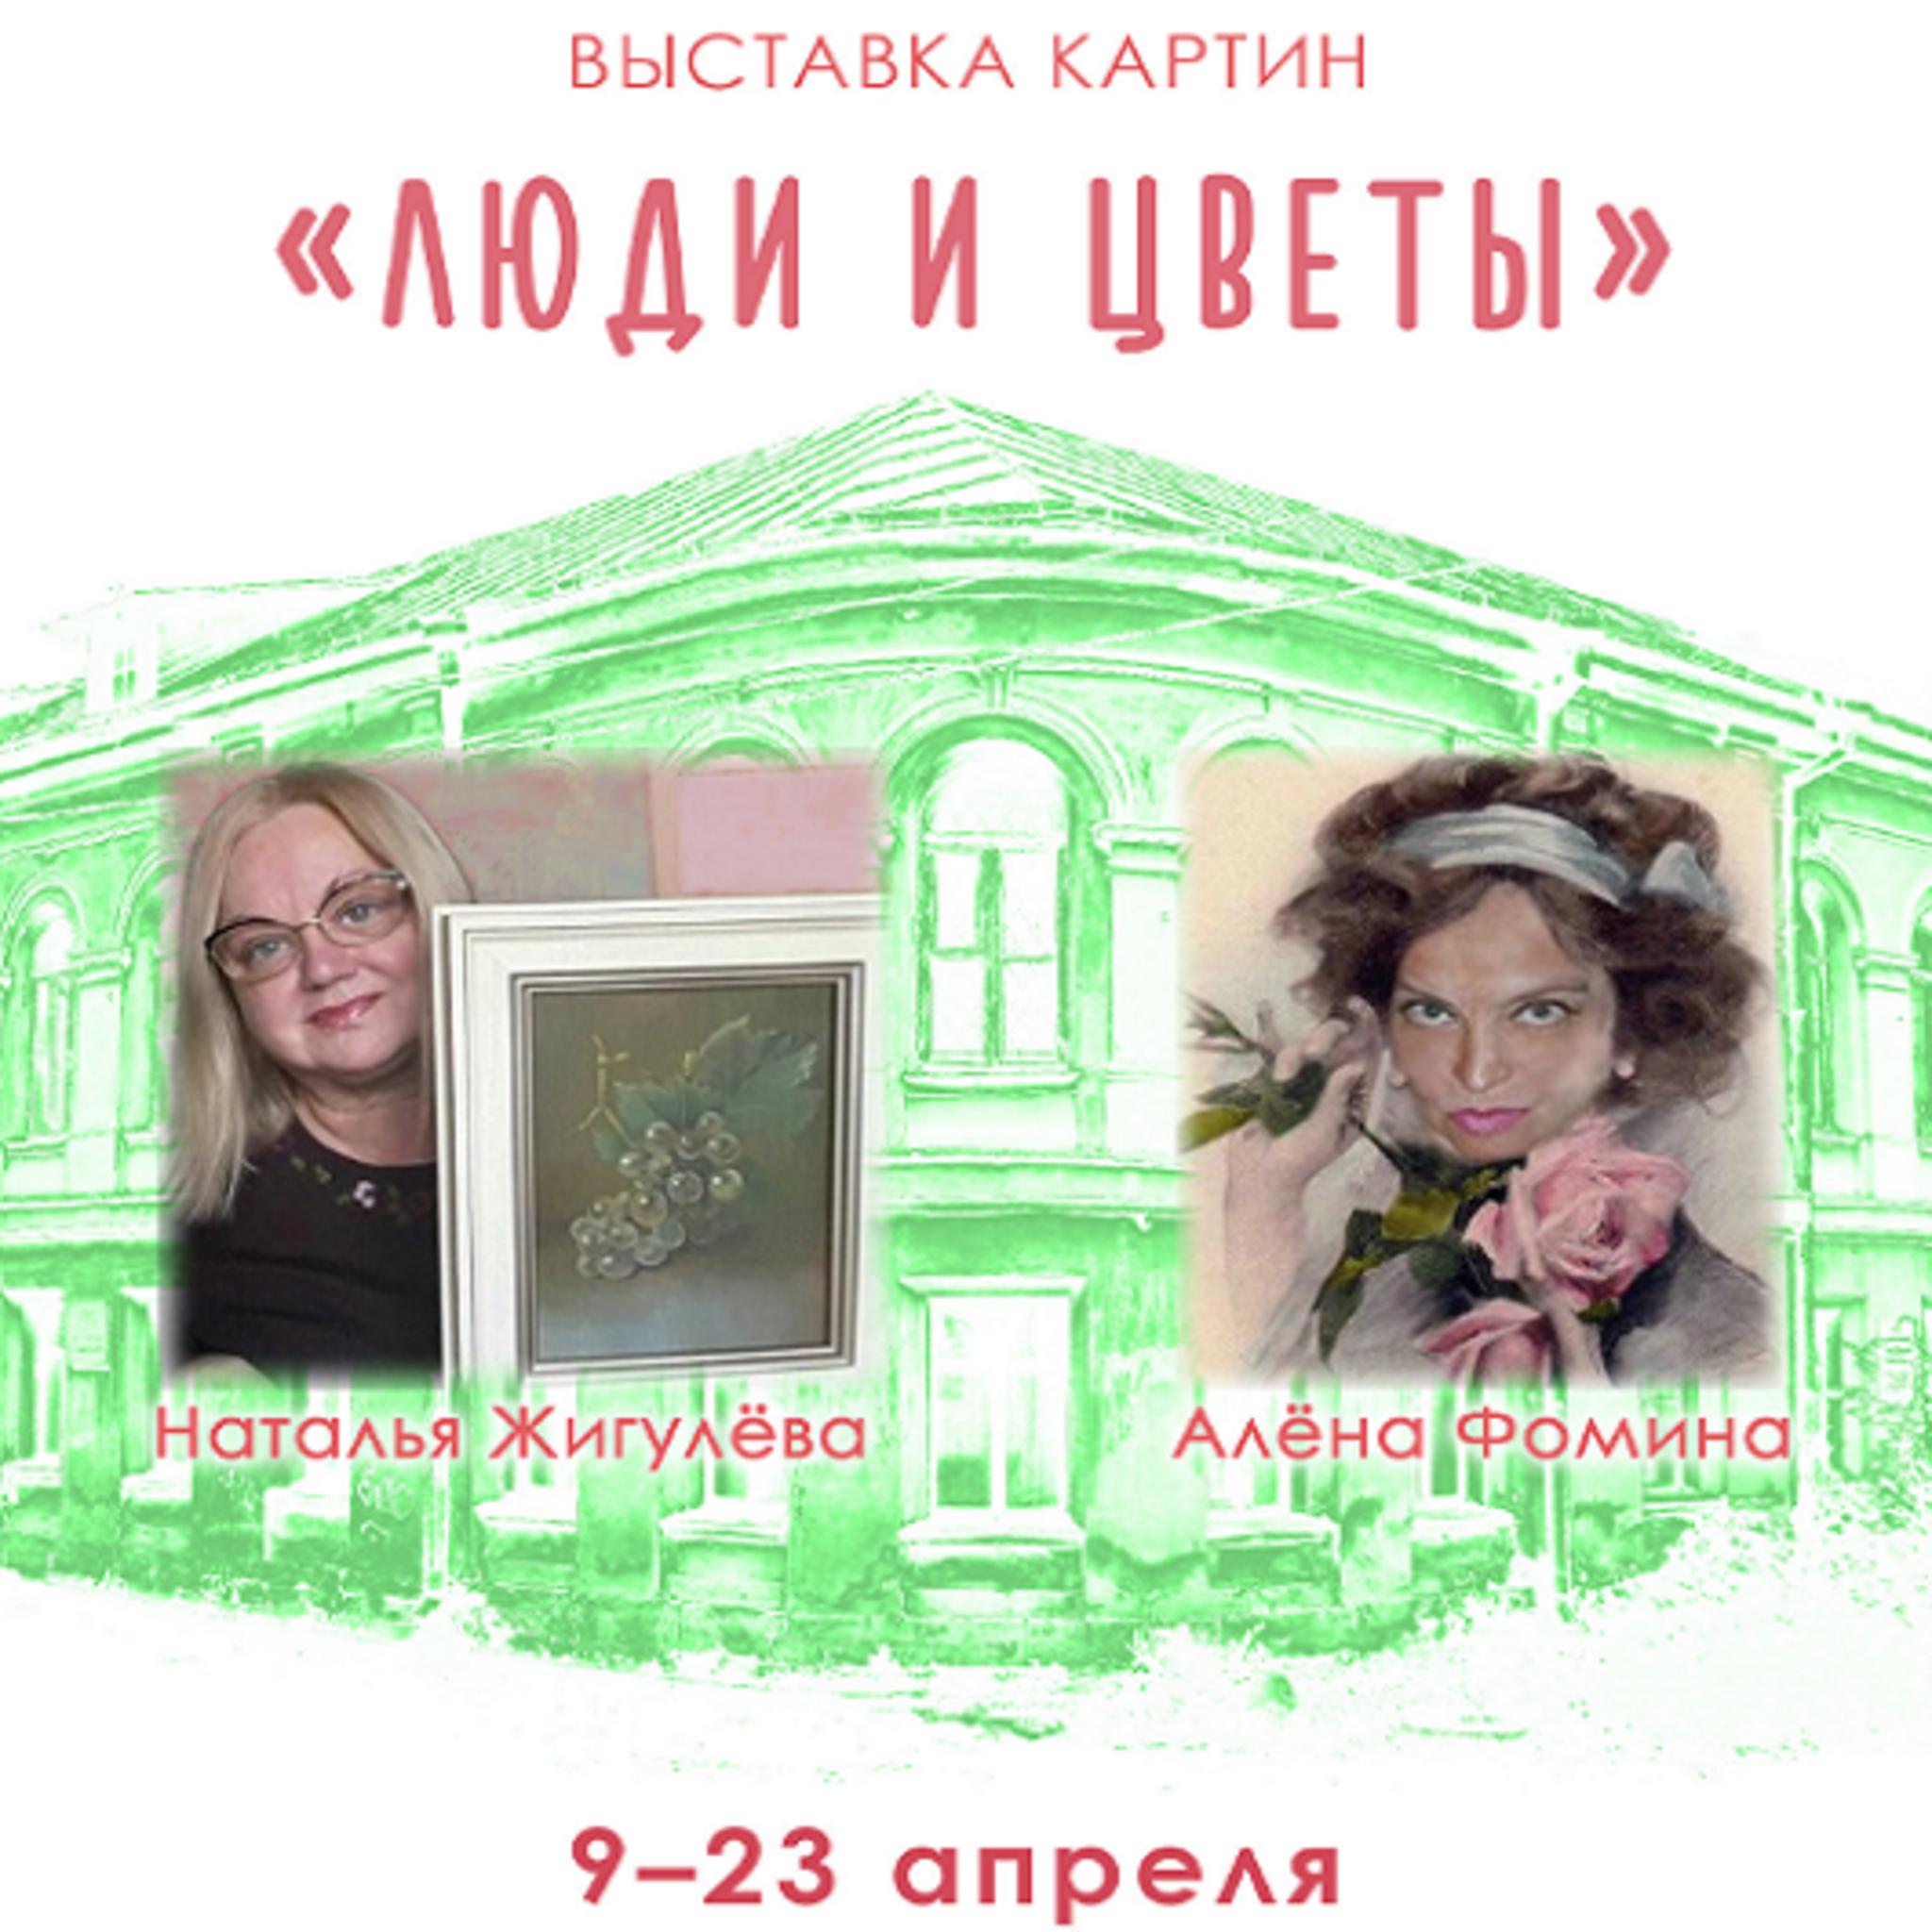 Выставка художниц Алёны Фоминой и дебютантки Натальи Жигулёвой «Люди и цветы»